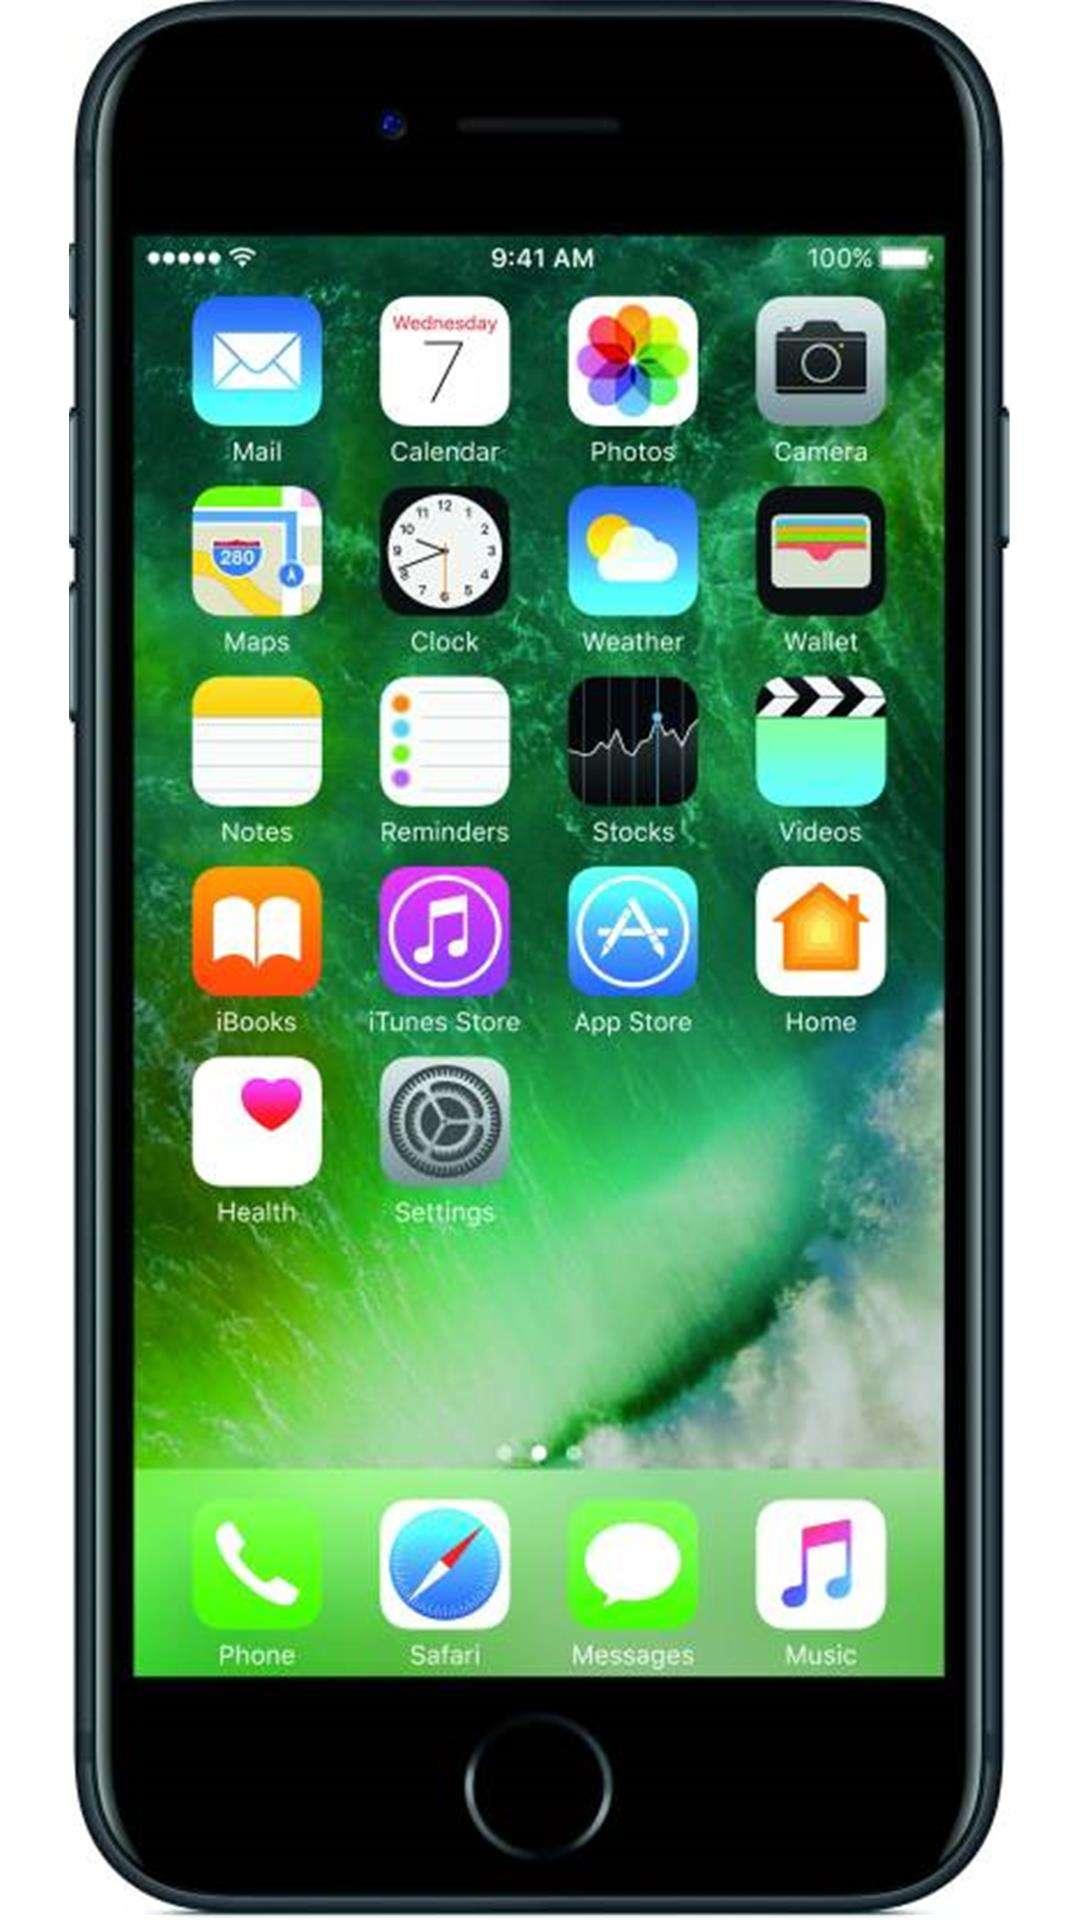 ऐप्पल आईफोन 7 - 128 जीबी (ब्लैक)